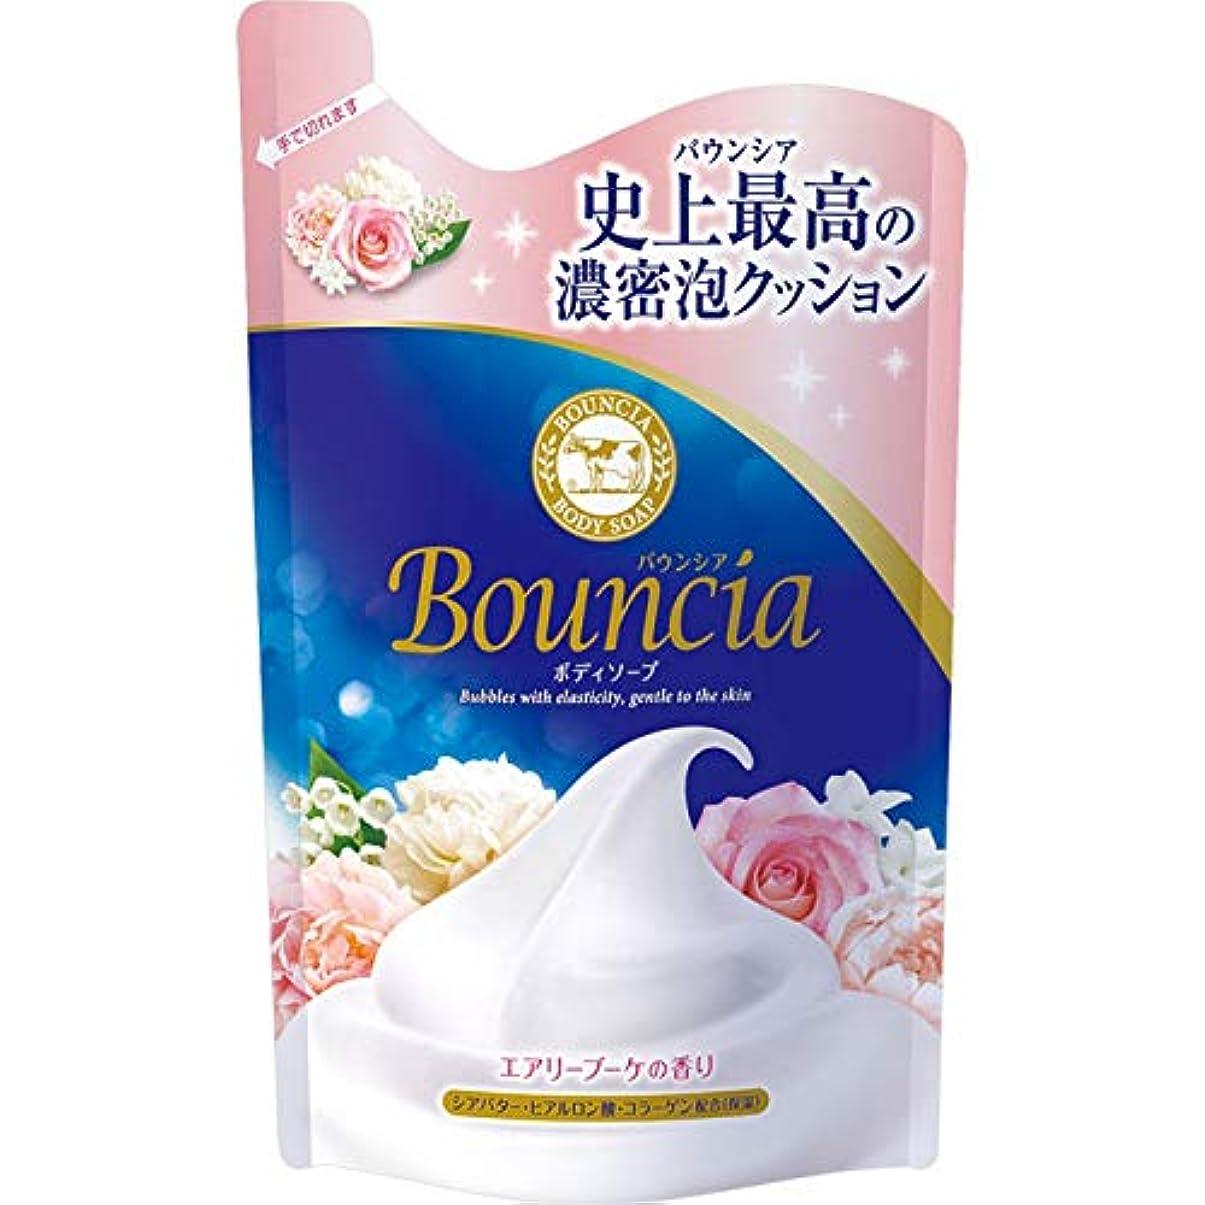 ヒューマニスティック取得するデンプシーバウンシアボディソープ エアリーブーケの香り 詰替用?400mL × 4個セット